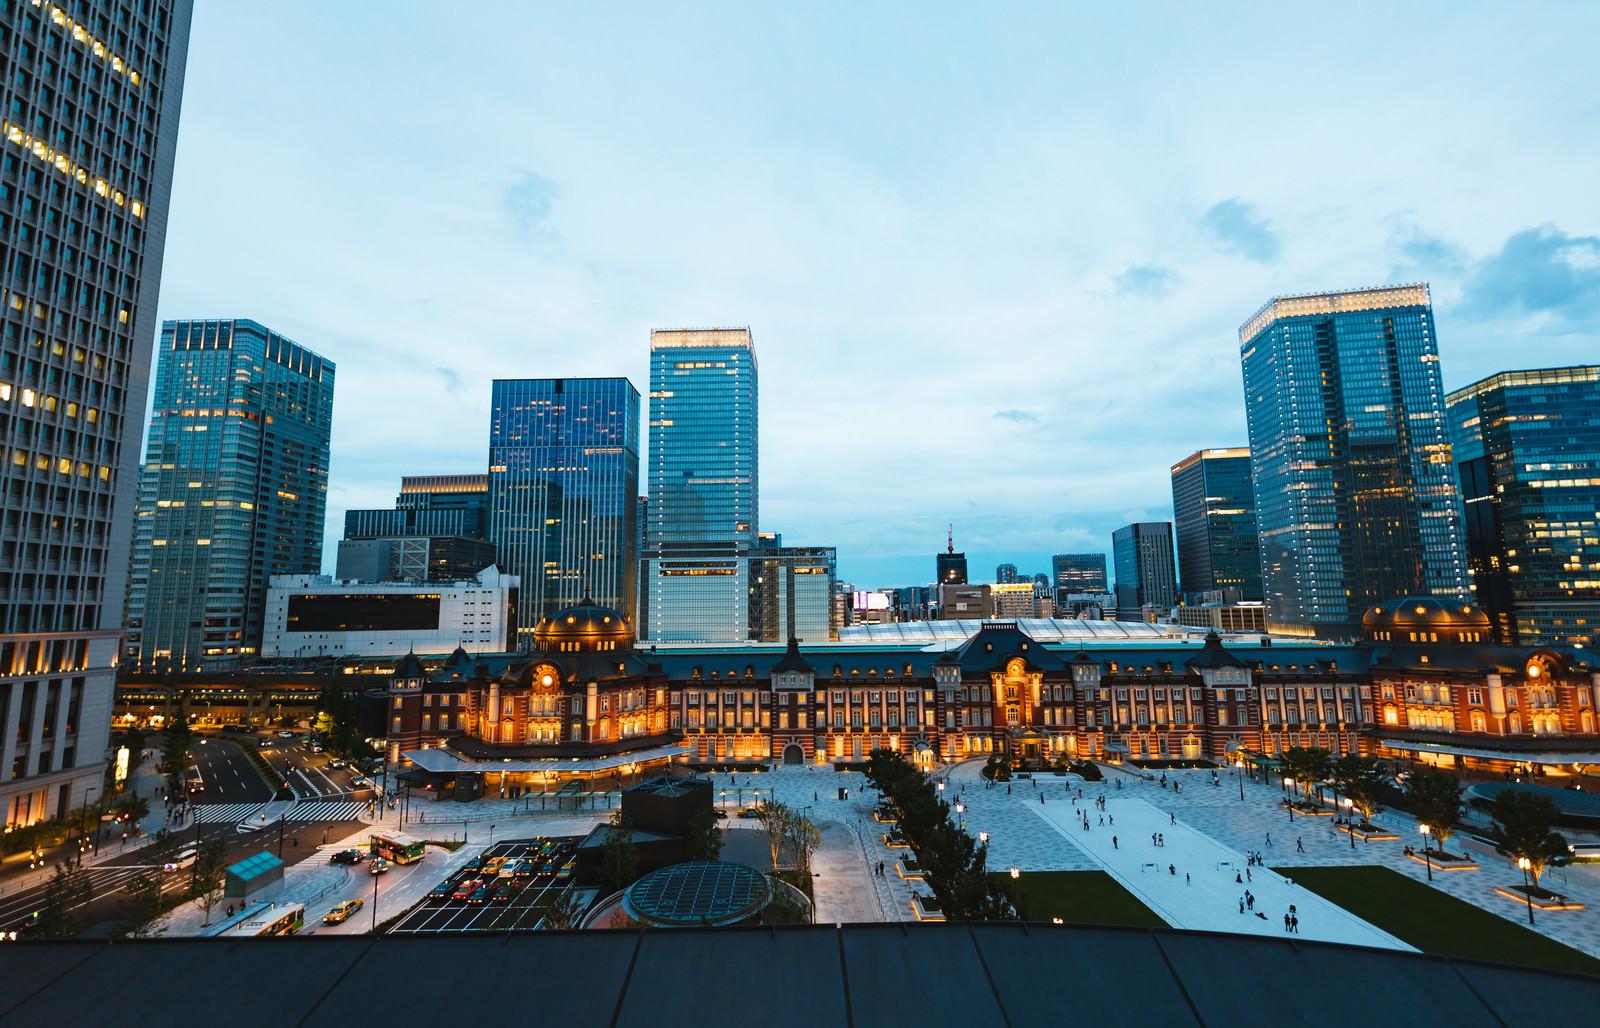 「灯りがつきはじめる東京駅丸の内口」の写真